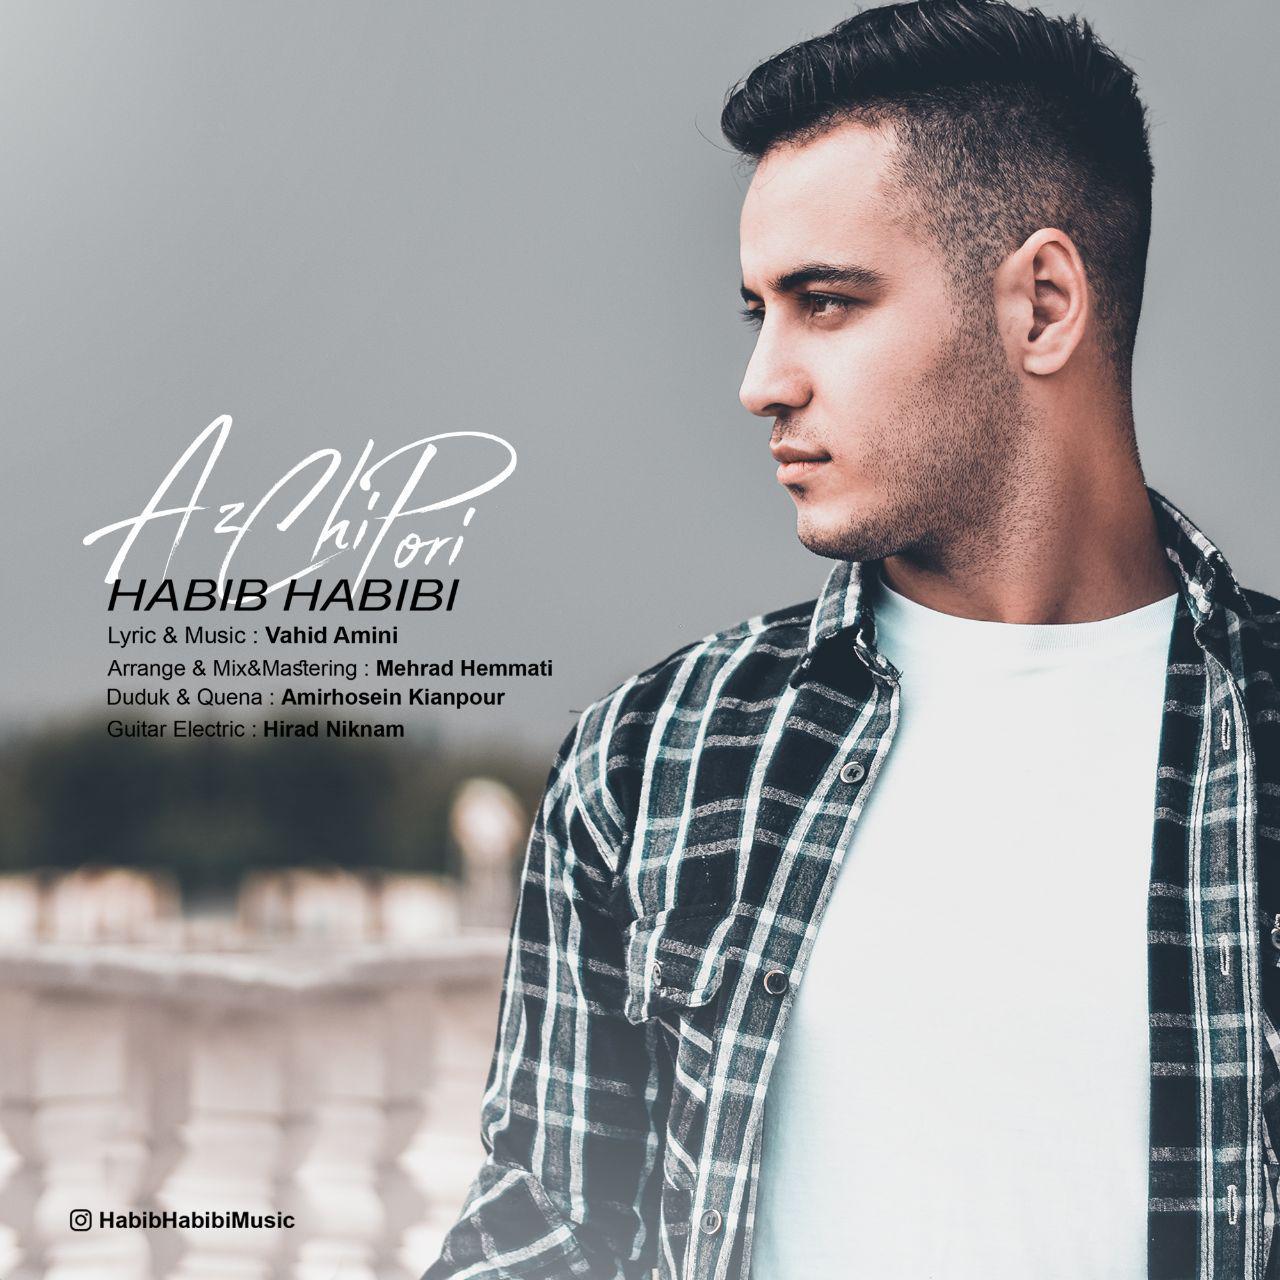 Habib Habibi - Az Chi Pori Music | آهنگ حبیب حبیبی - از چی پری